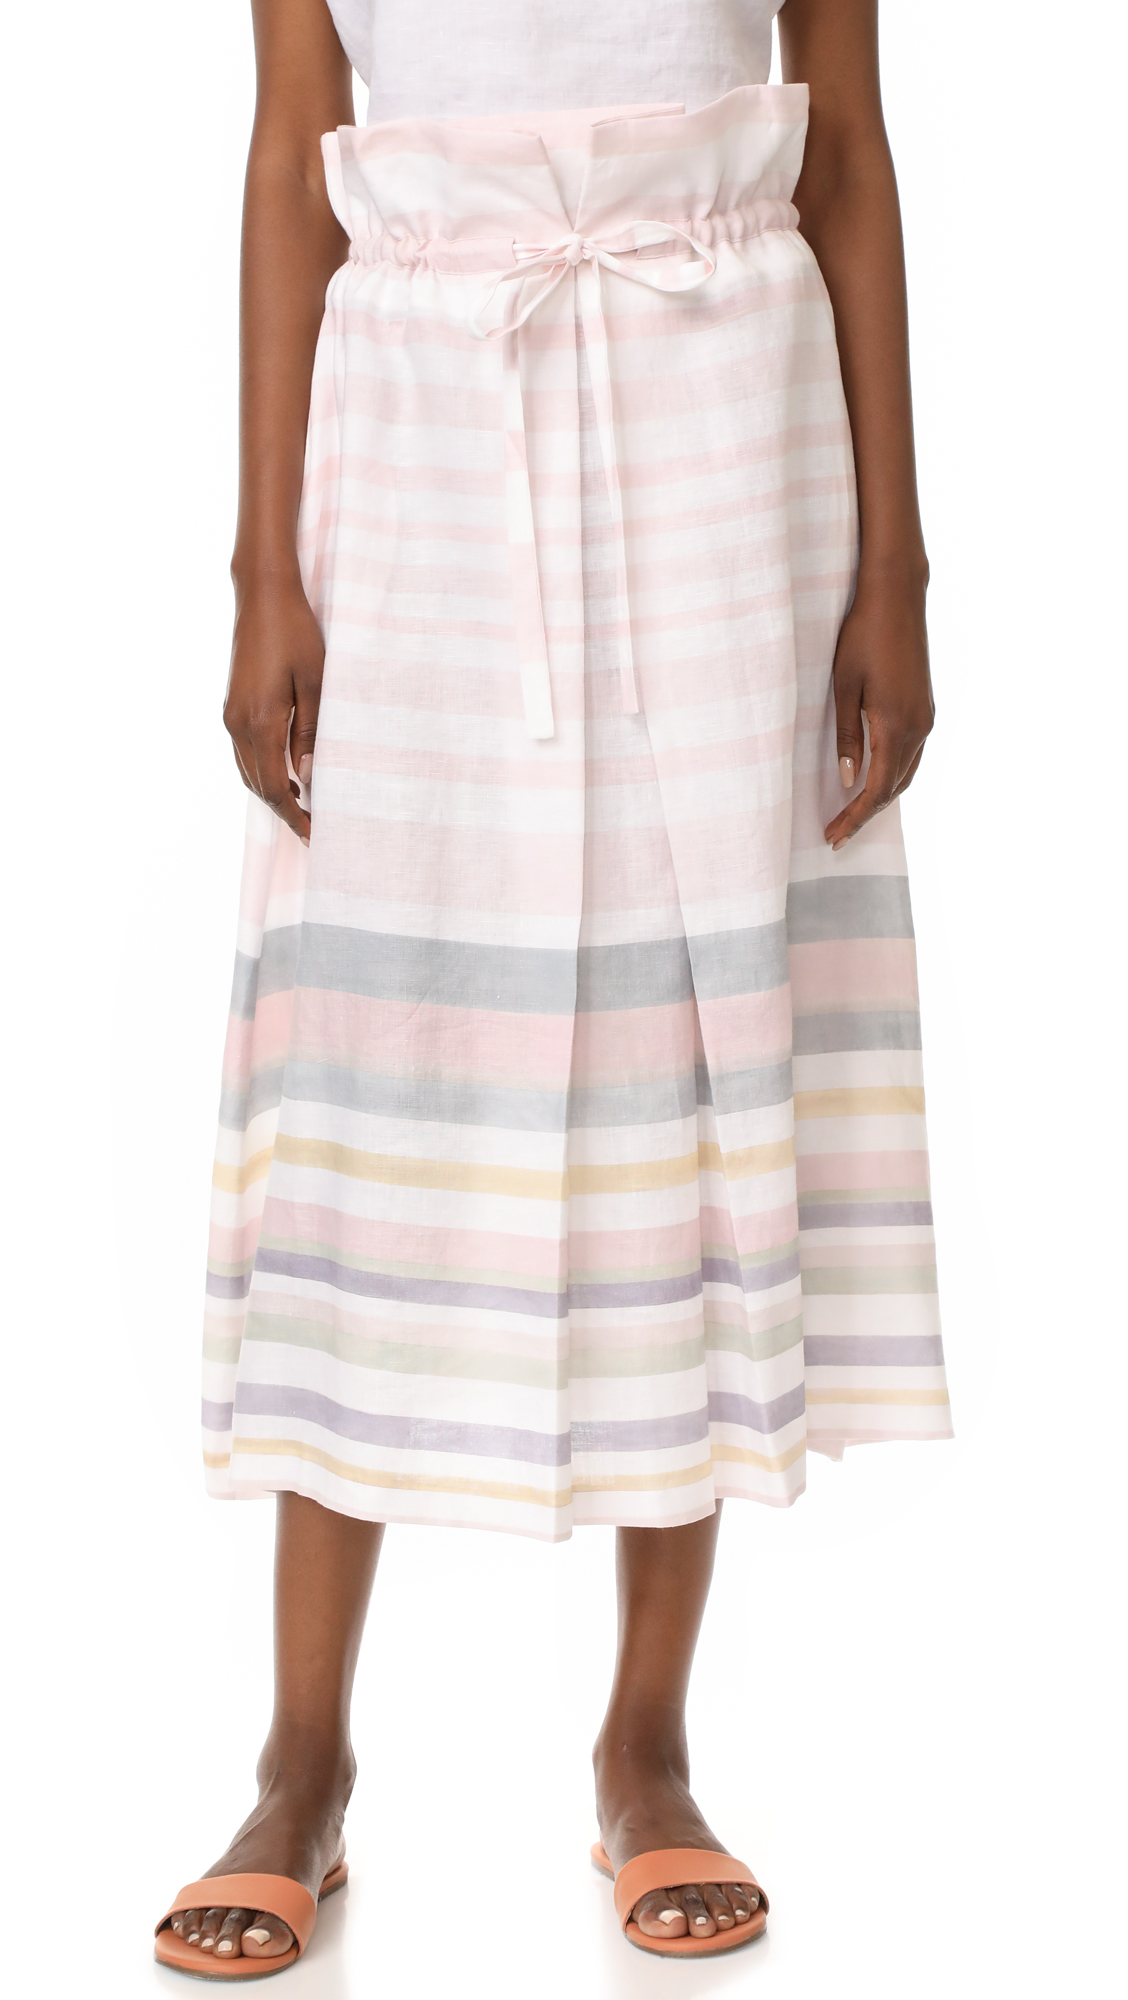 Mara Hoffman Paper Bag Midi Skirt - Pastel Stripe